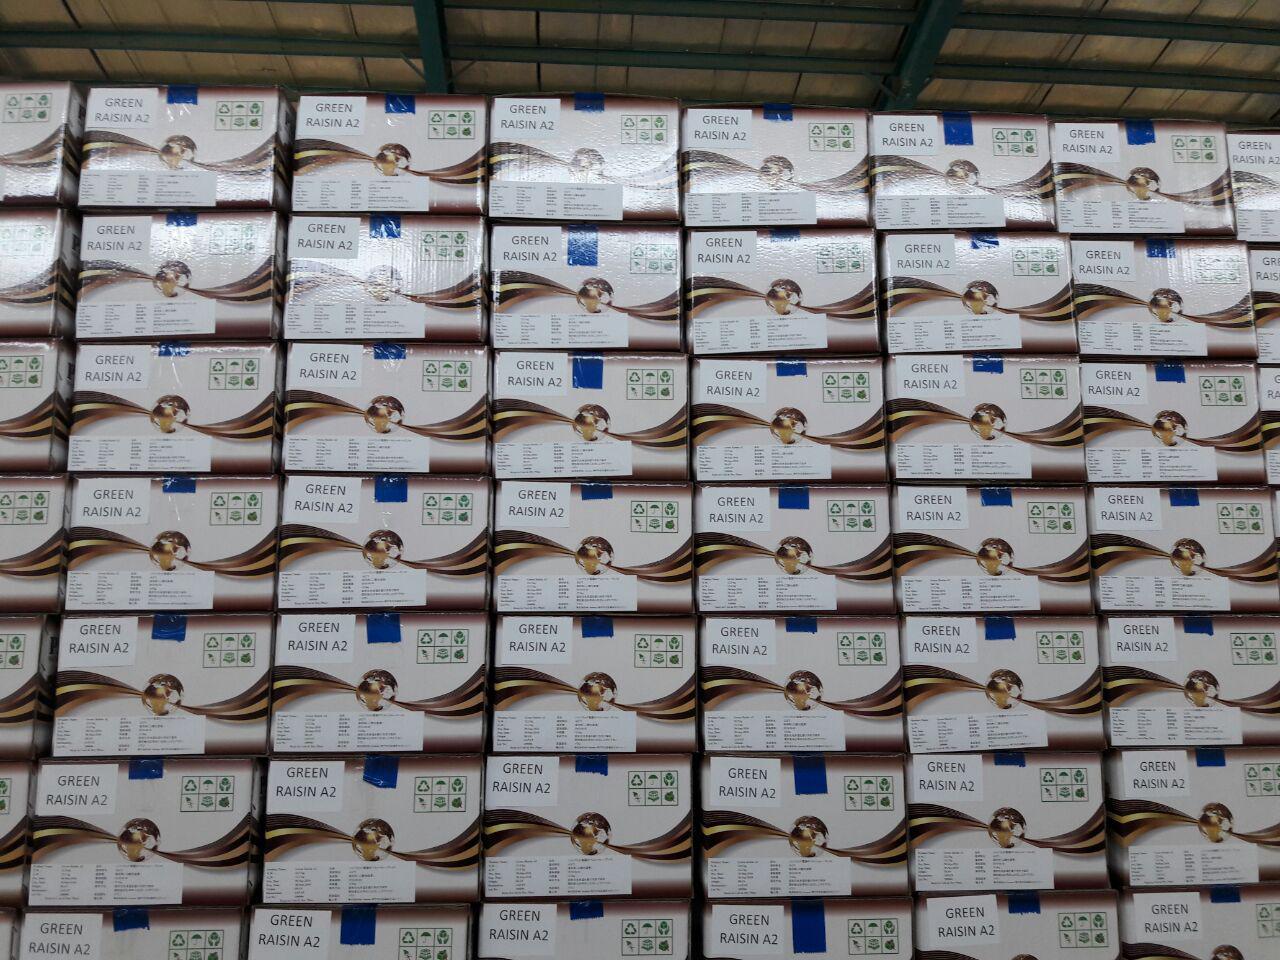 Final Pariz Nuts Packaging